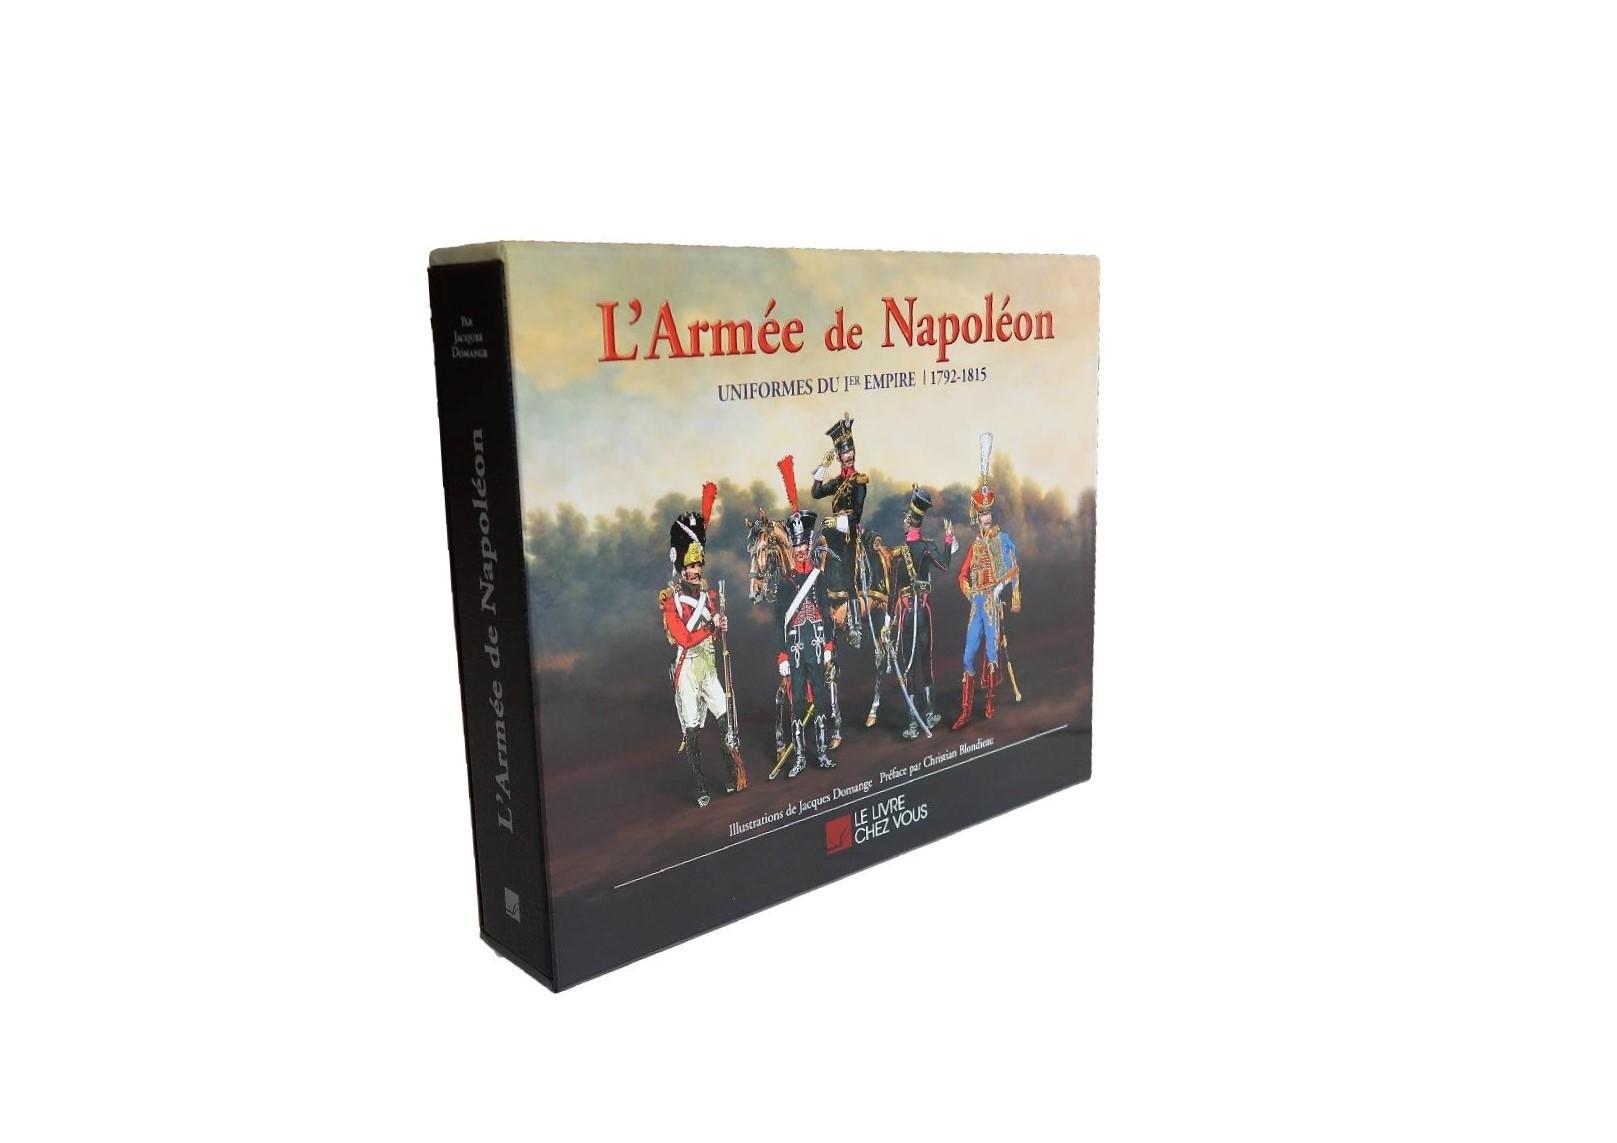 L'Armée de Napoléon - Uniformes du Premier Empire